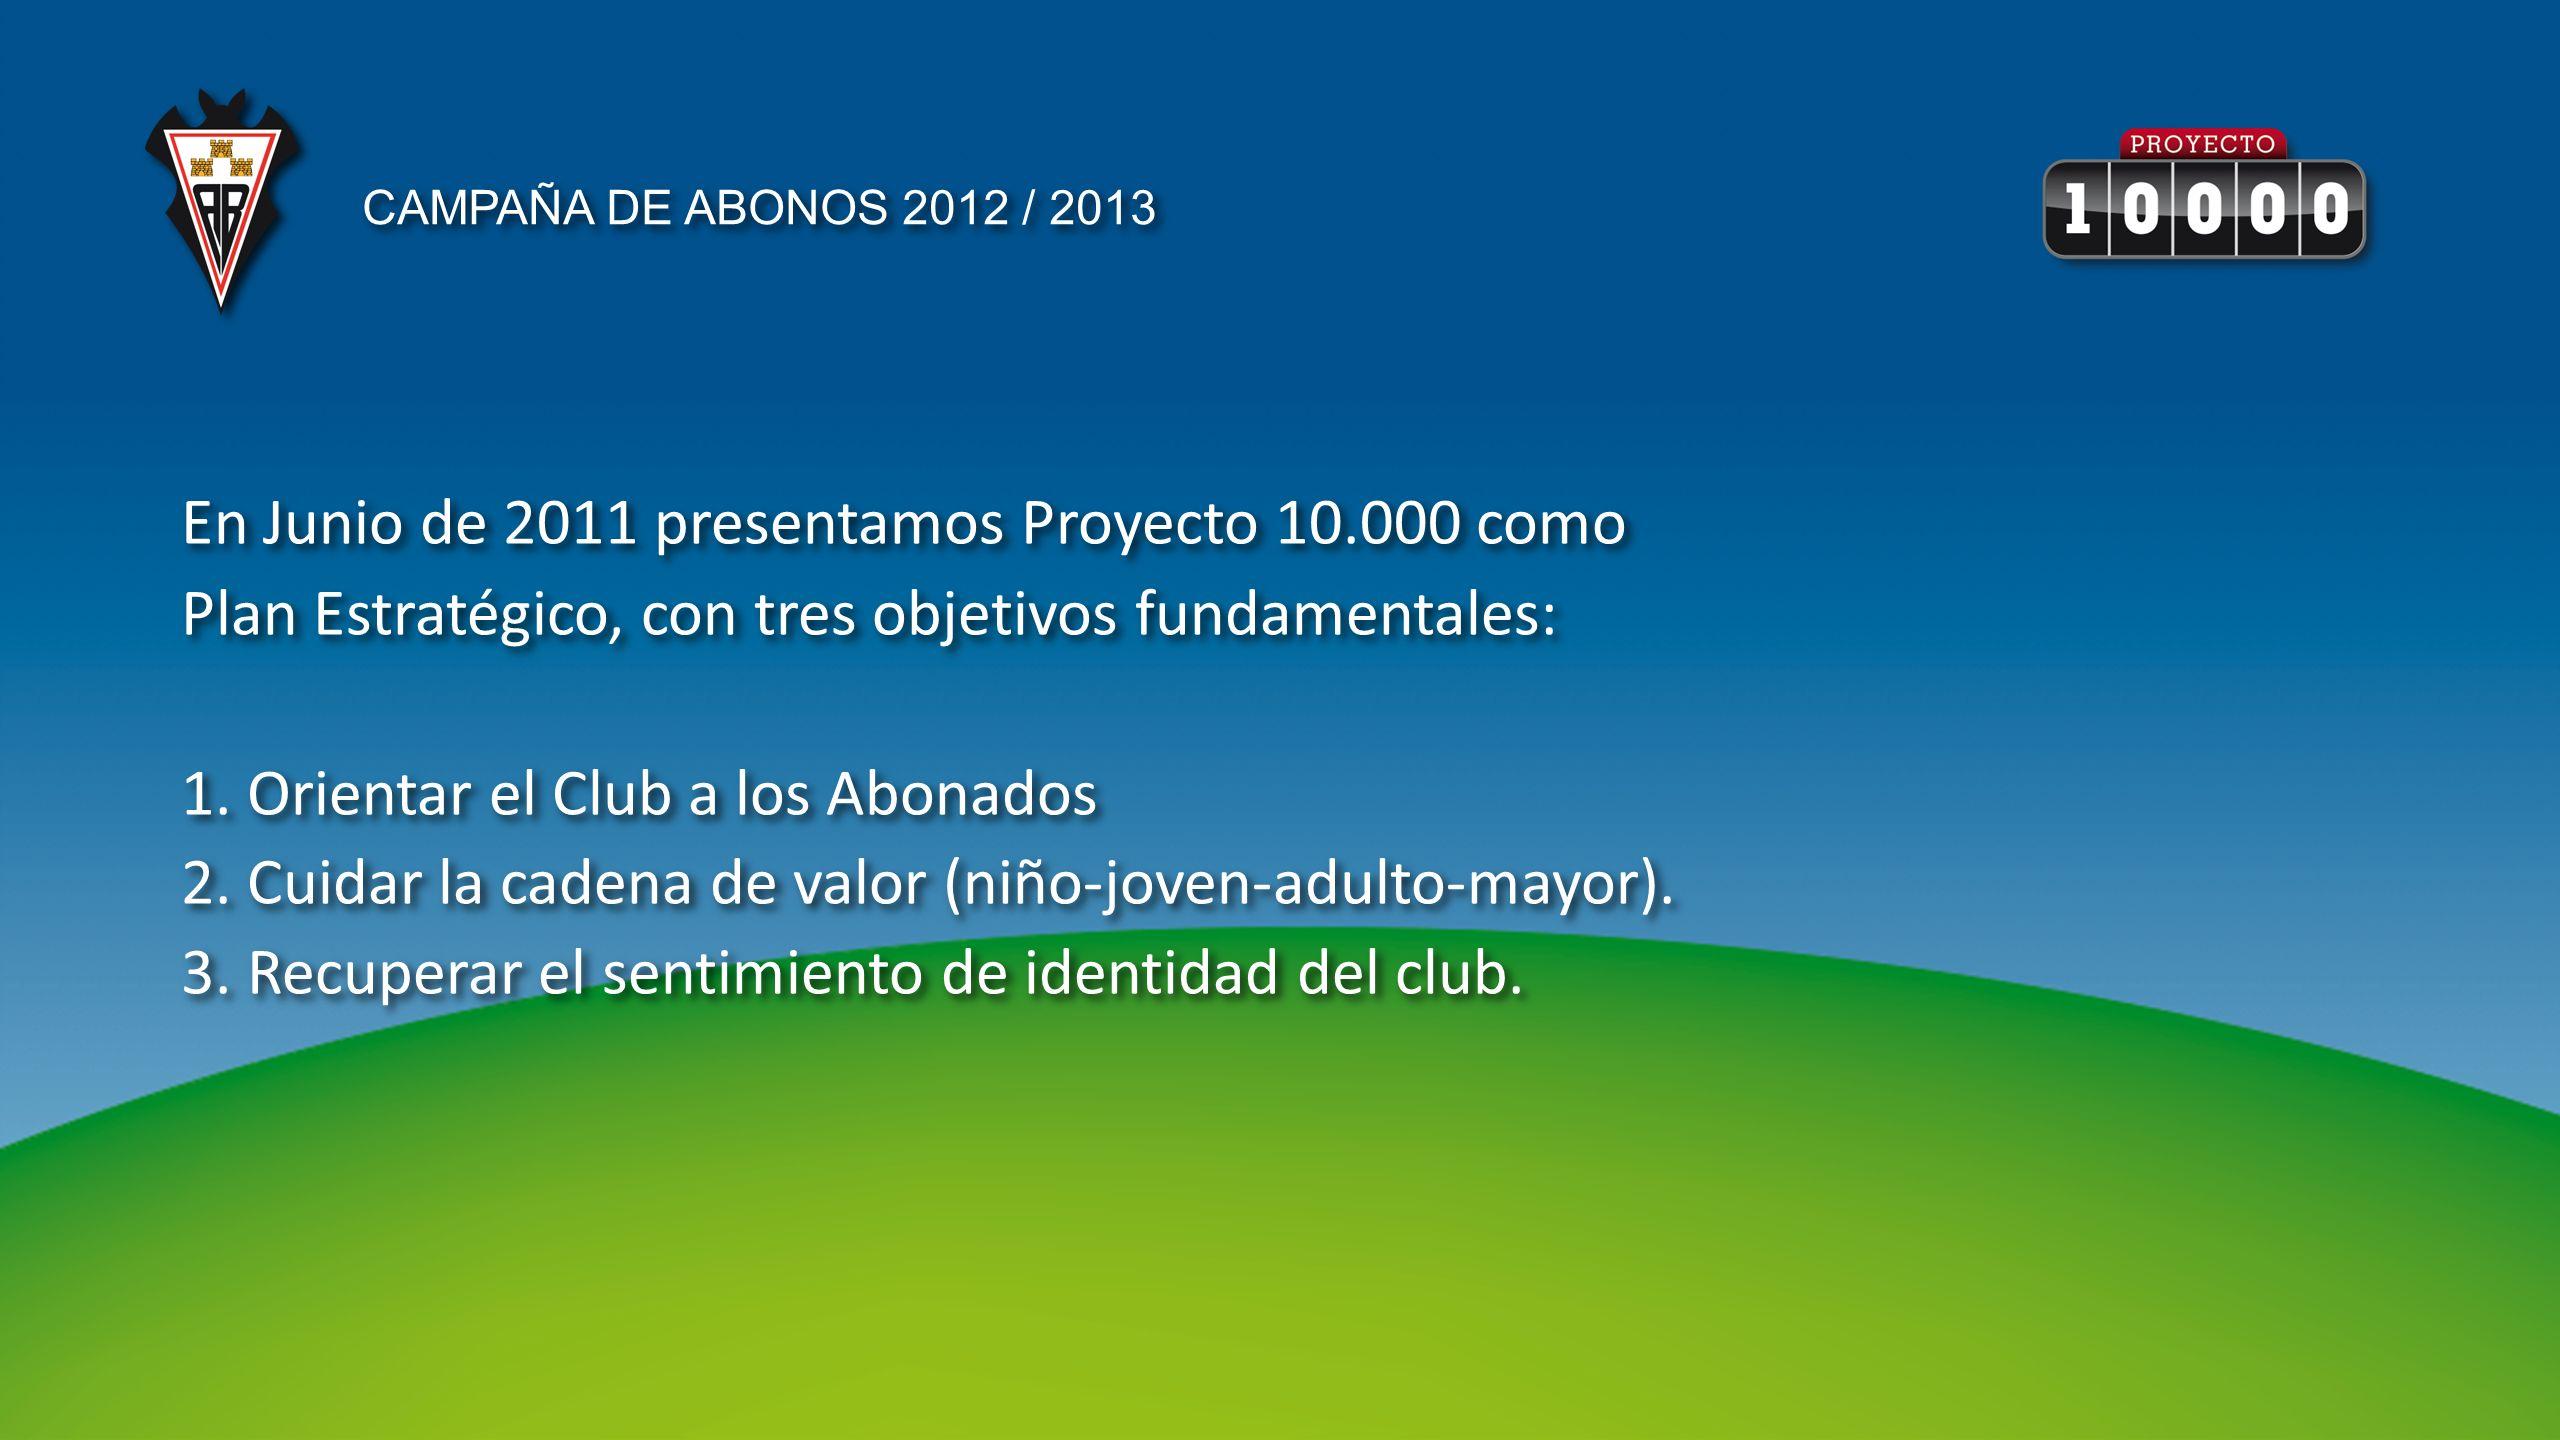 30 / 60 / 90 DIAS TARJETA EL CORTE INGLÉS CAMPAÑA DE ABONOS 2012 / 2013 FINANCIACIÓN